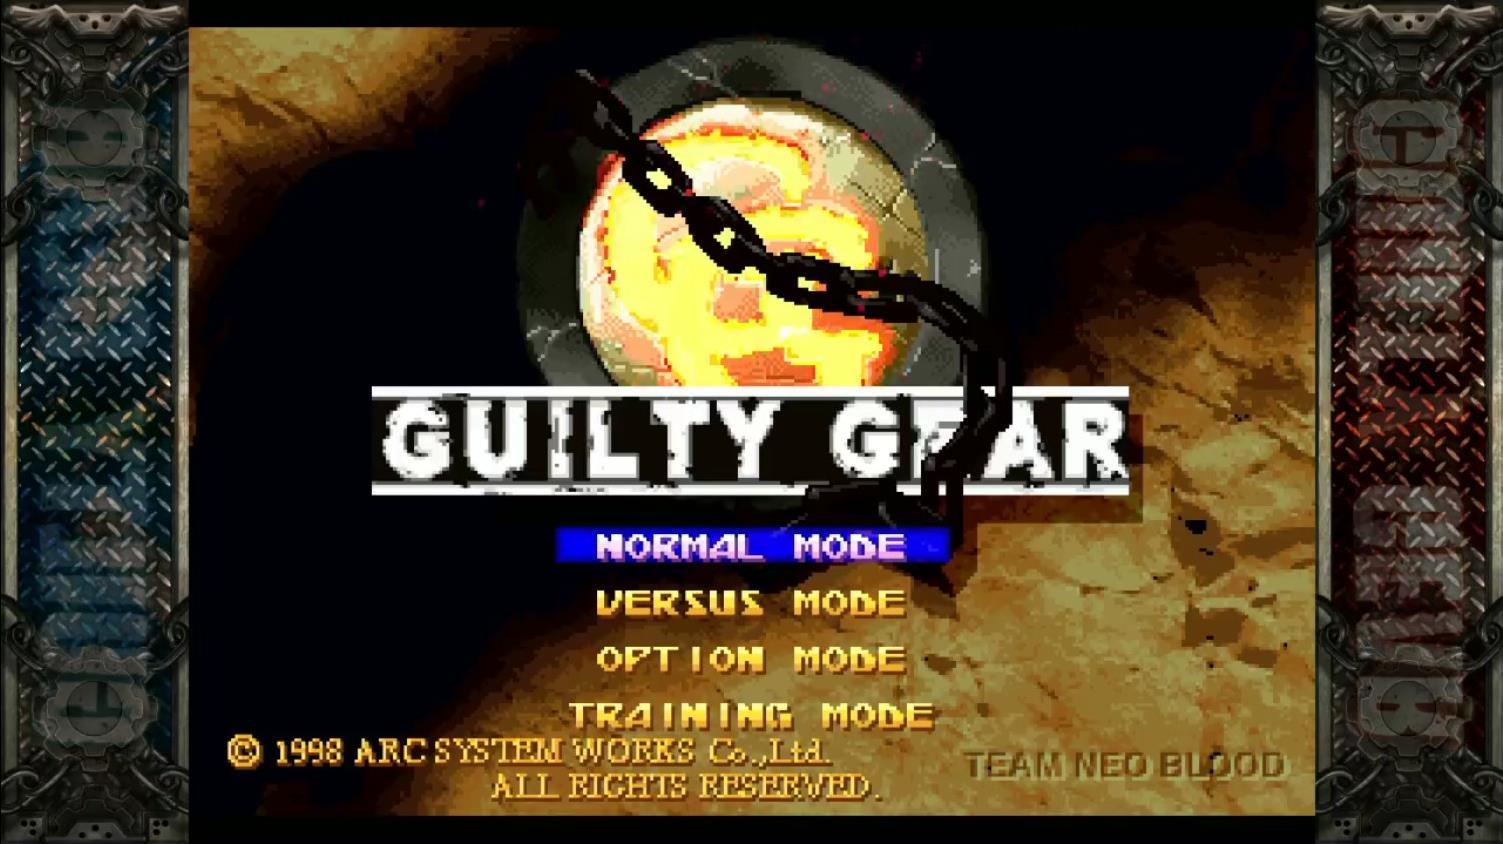 Guilty Gear de 1998 será lançado no PS4, Switch e PC